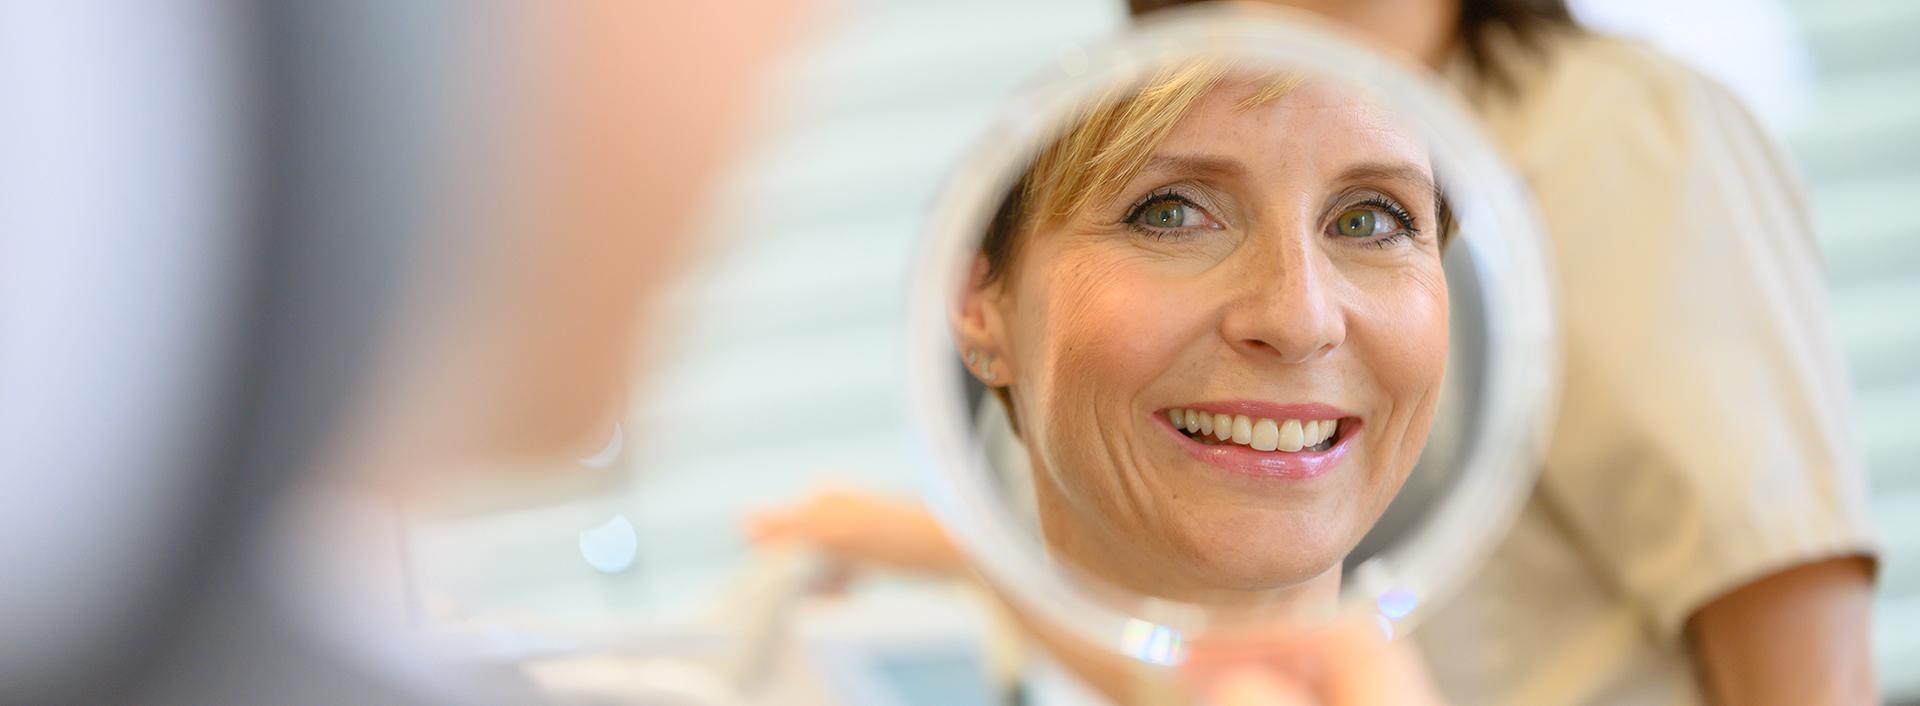 Lächelnde Frau sieht ihre Zähne im Handspiegel an